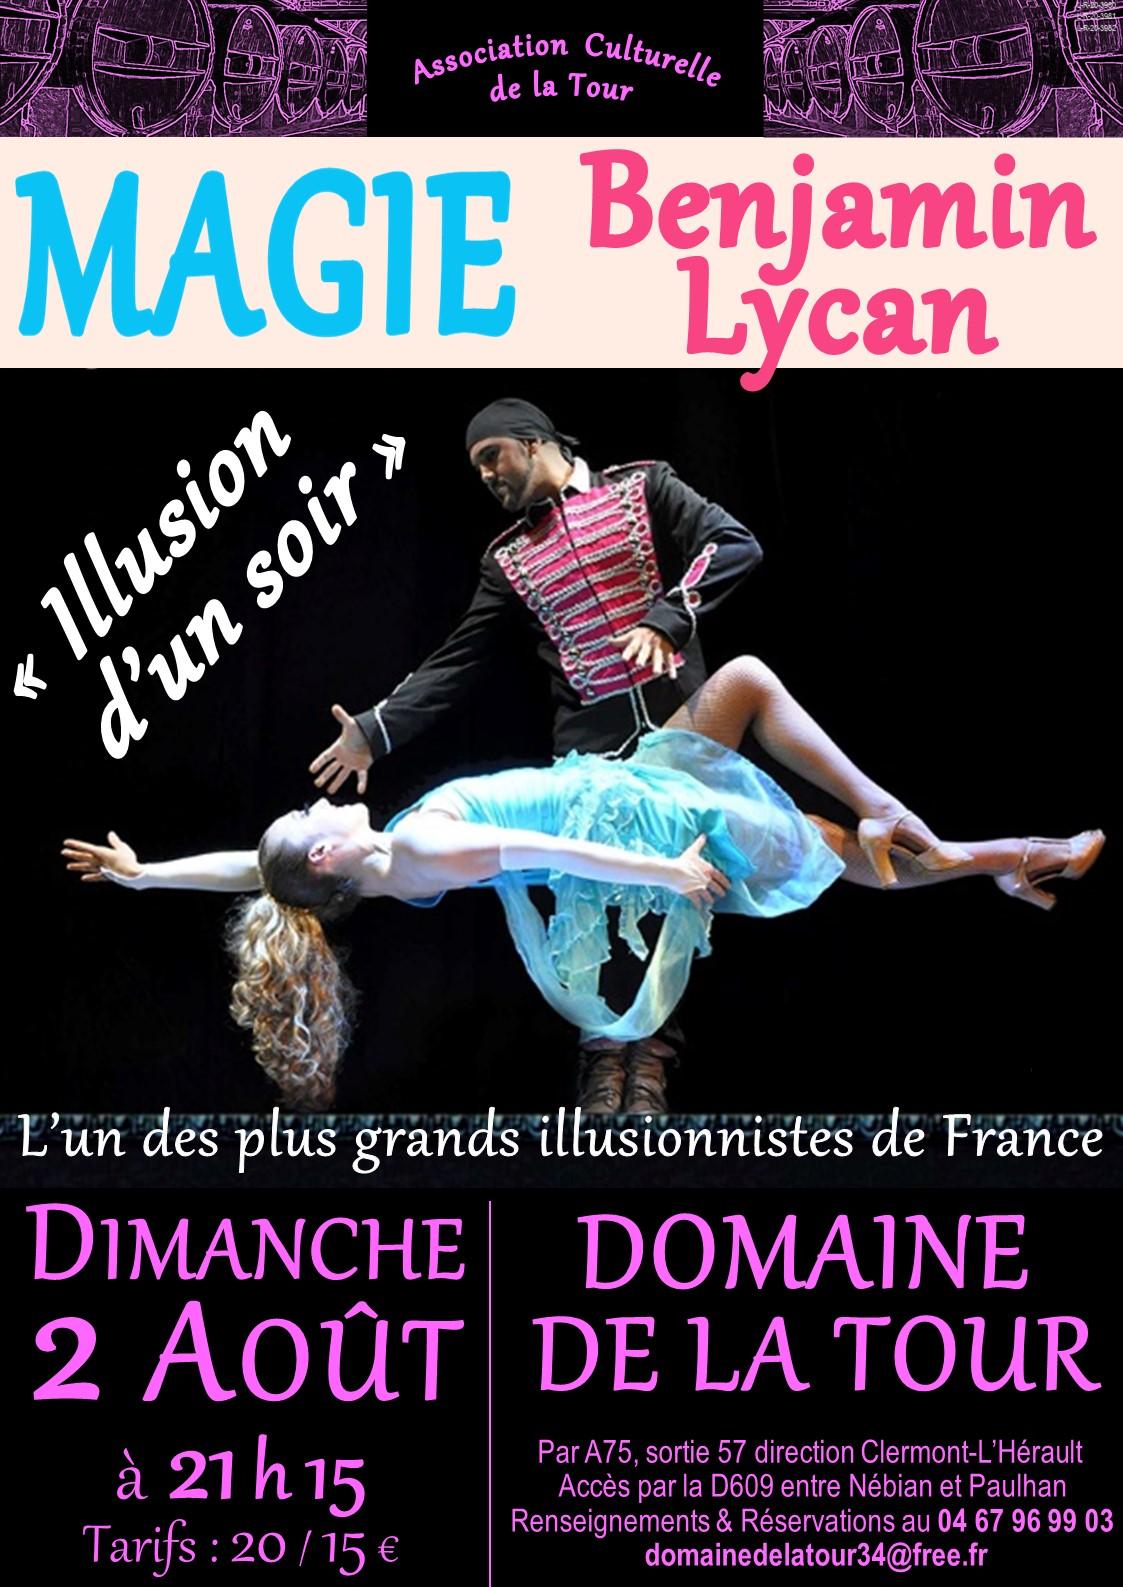 Le spectacle de magie avec Benjamin LYCAN,  dimanche 02 août à 21h15